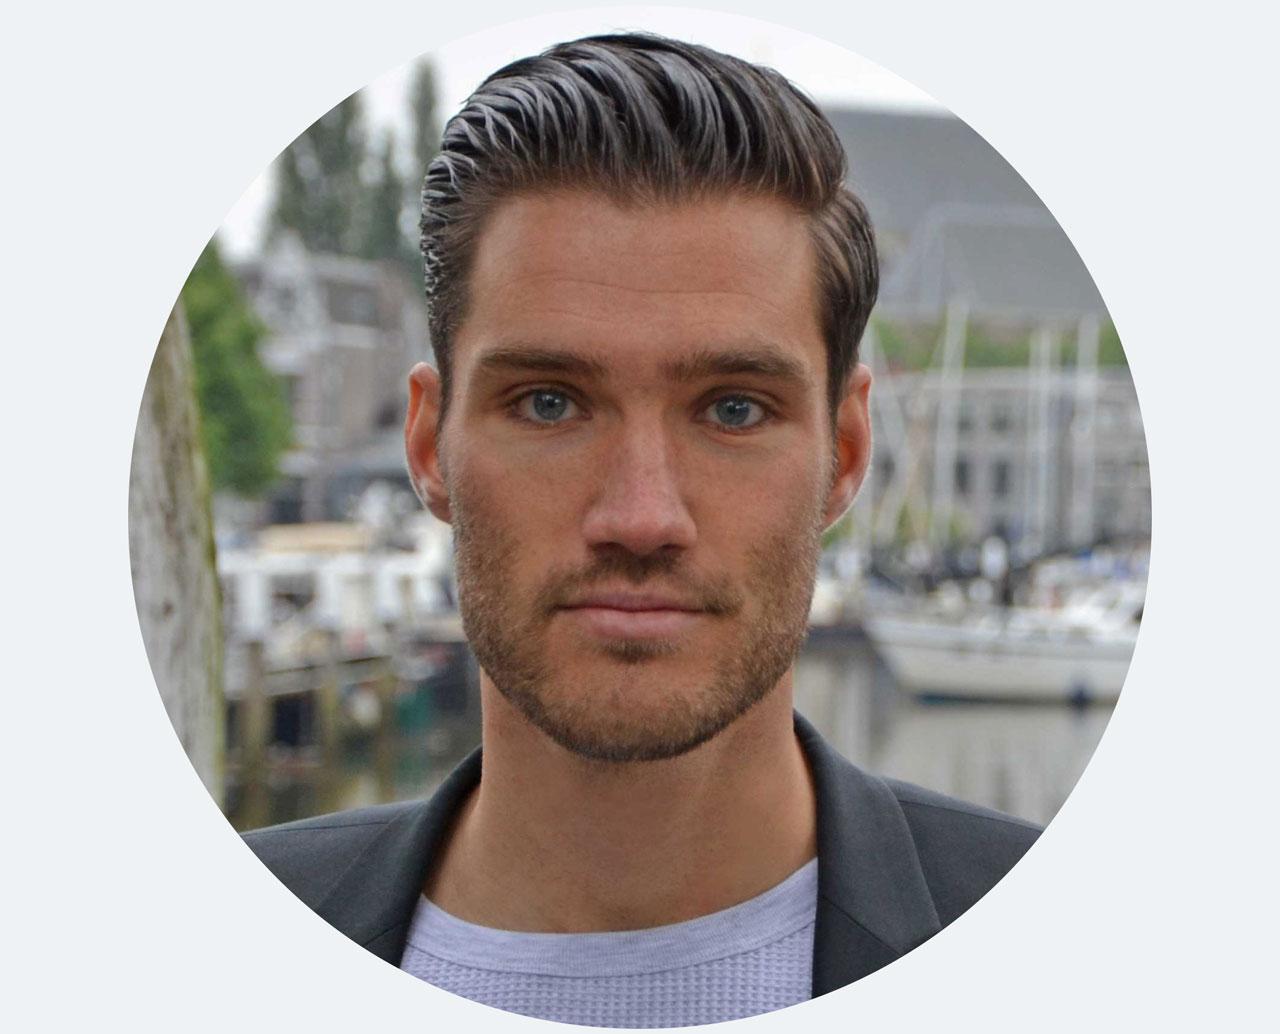 Christiaan Stenssen